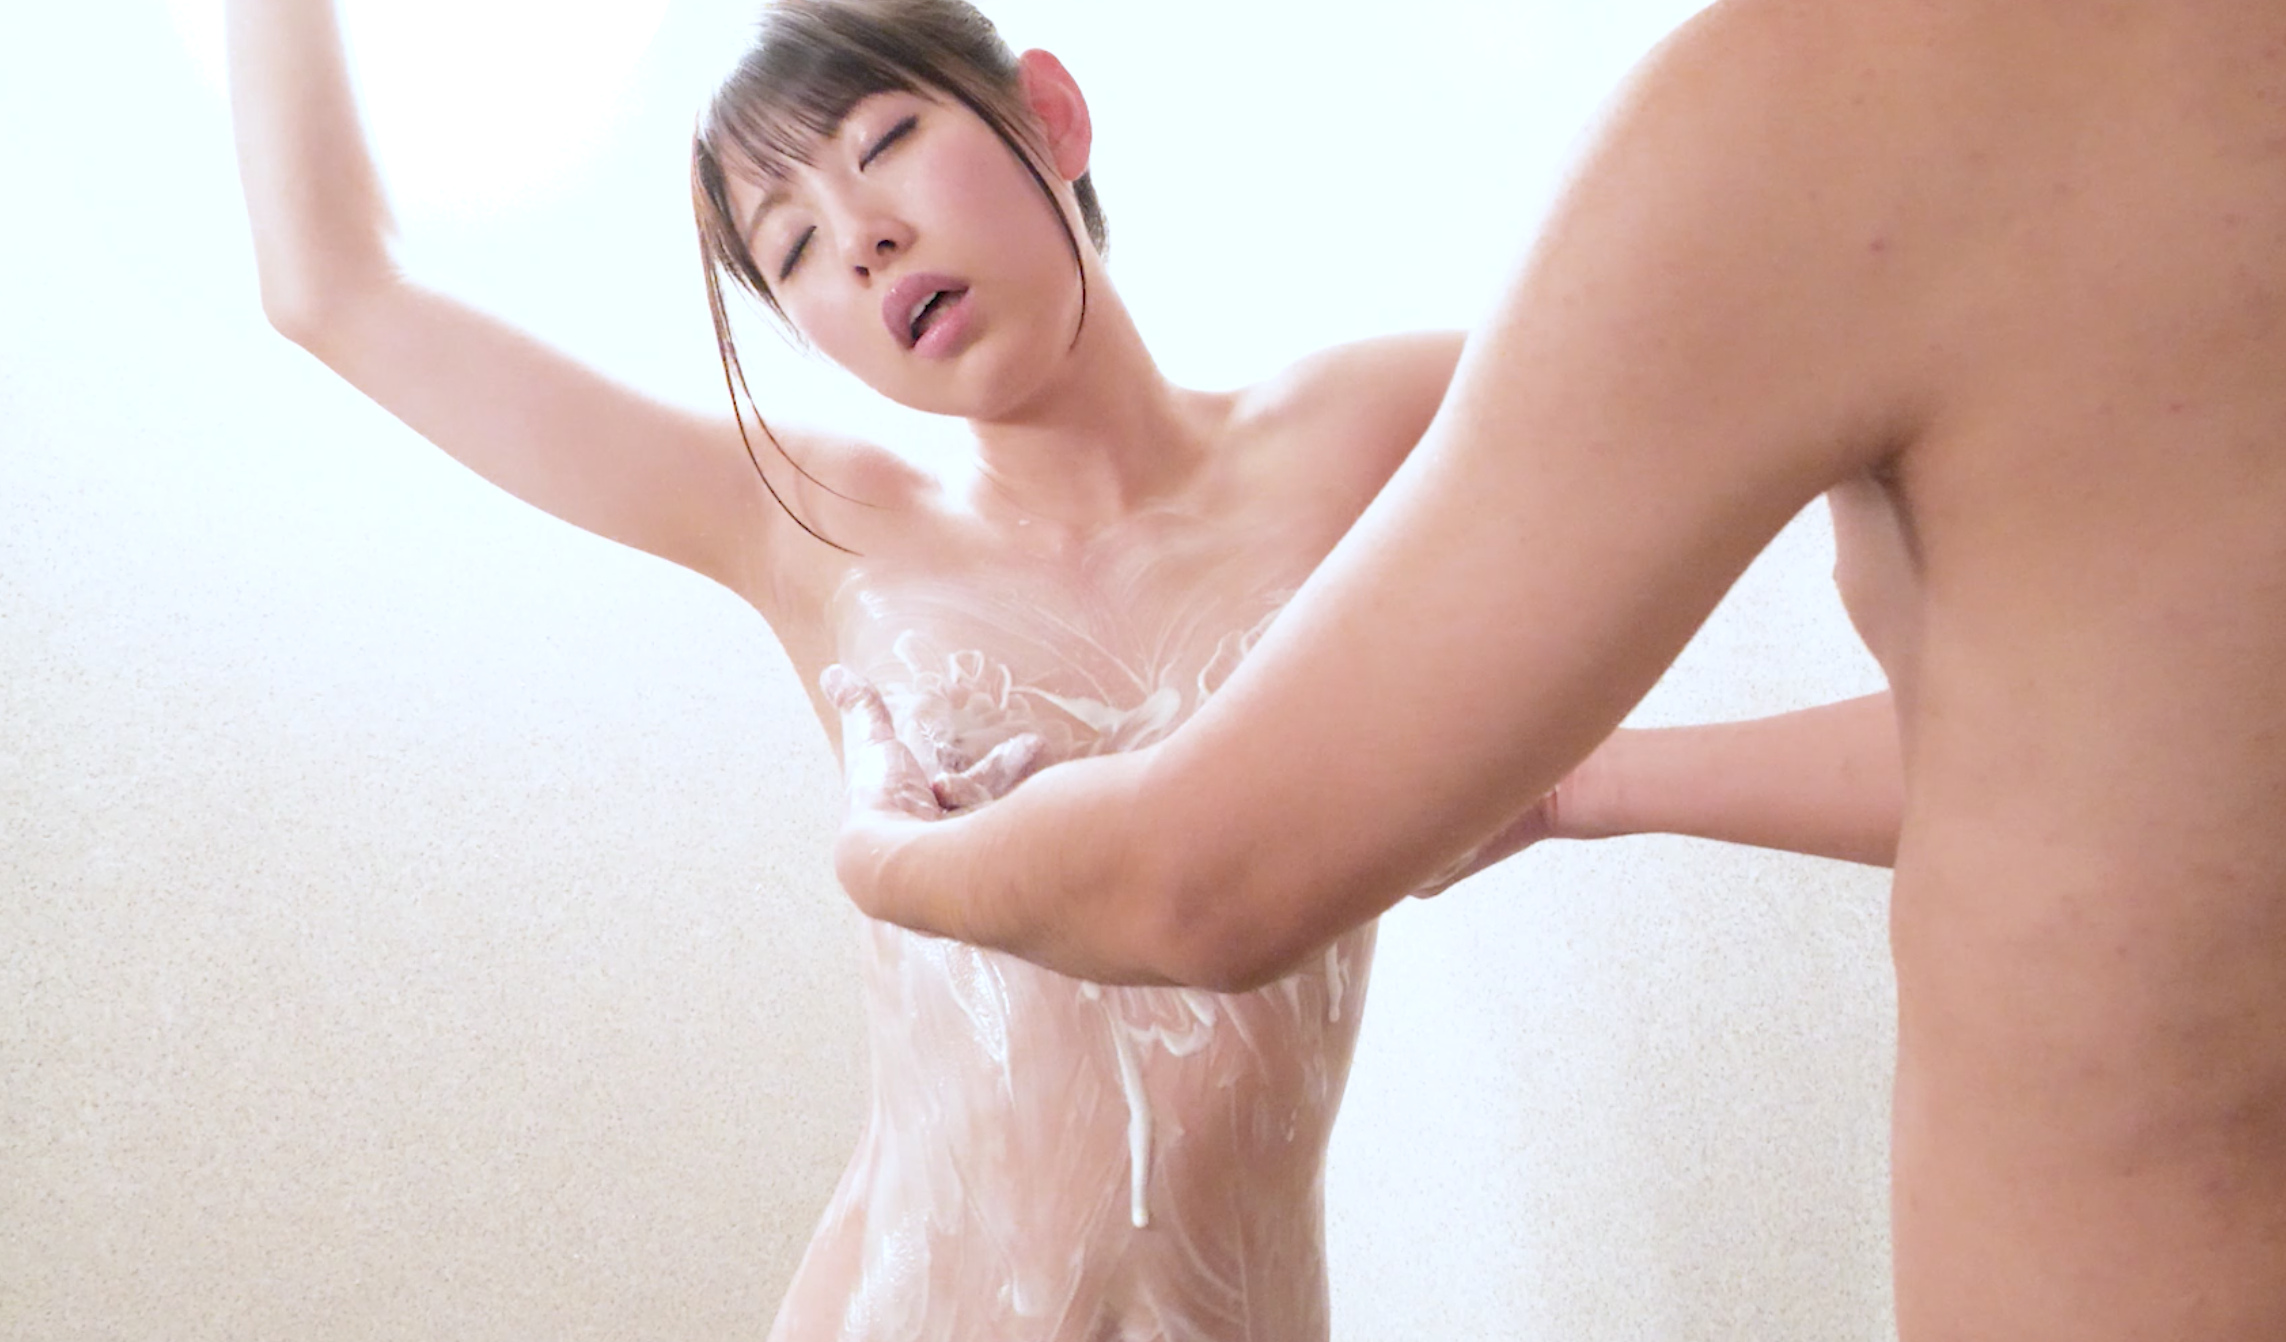 大人気女優あおいれなチャンの乳首くすぐり、乳首イキマッサージ!